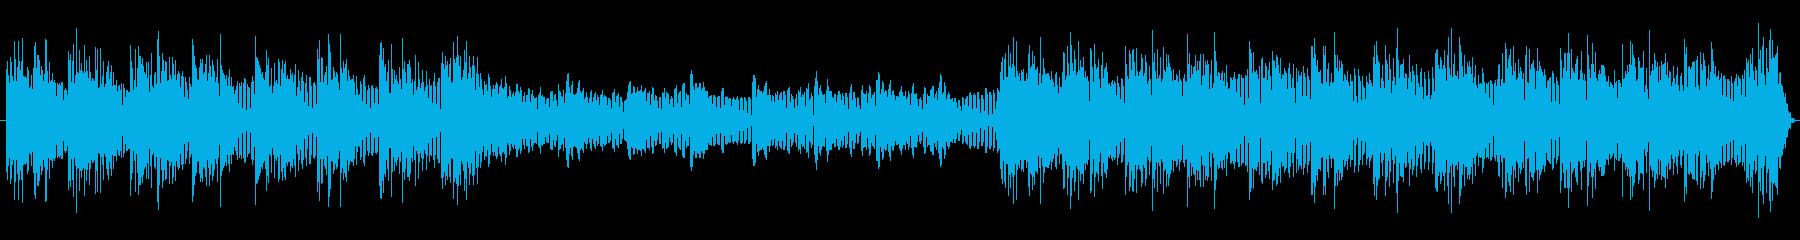 エレクトリックピアノとギターをフィ...の再生済みの波形